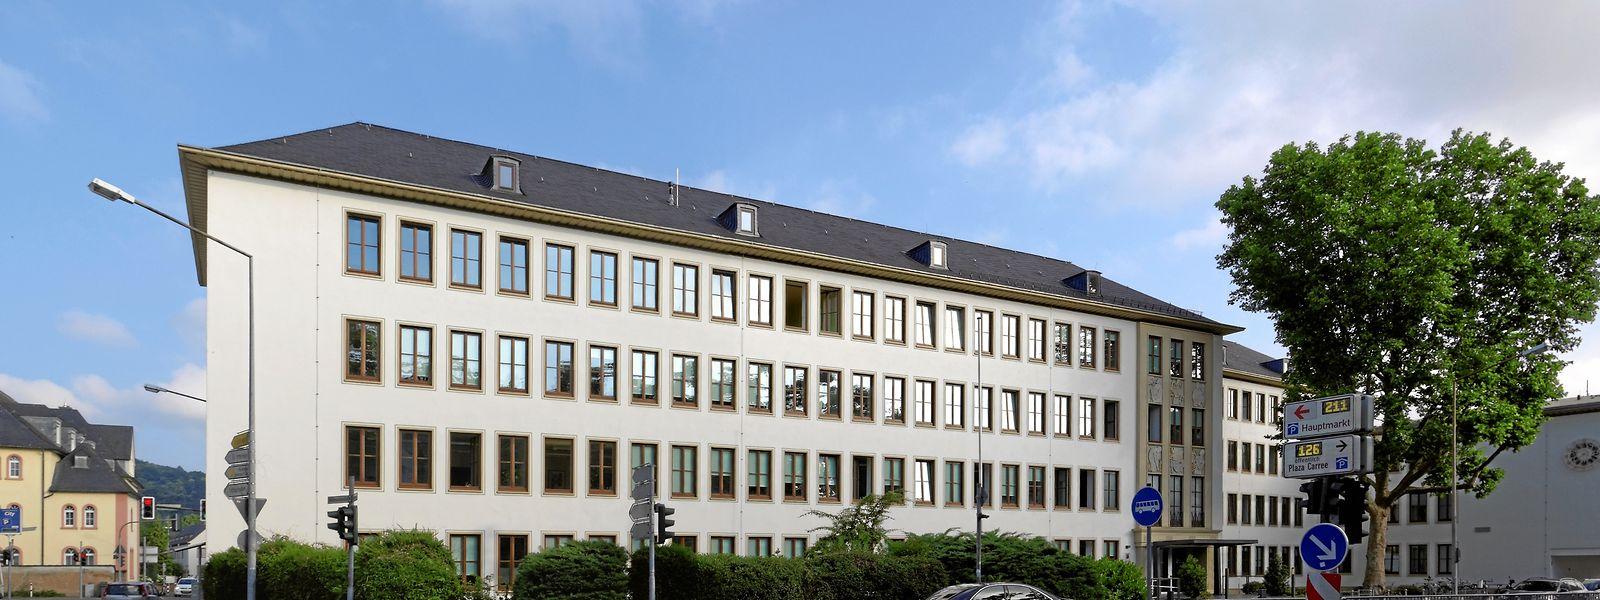 Die Richter am Landgericht Trier behielten sich die Anordnung einer Sicherheitsverwahrung vor.